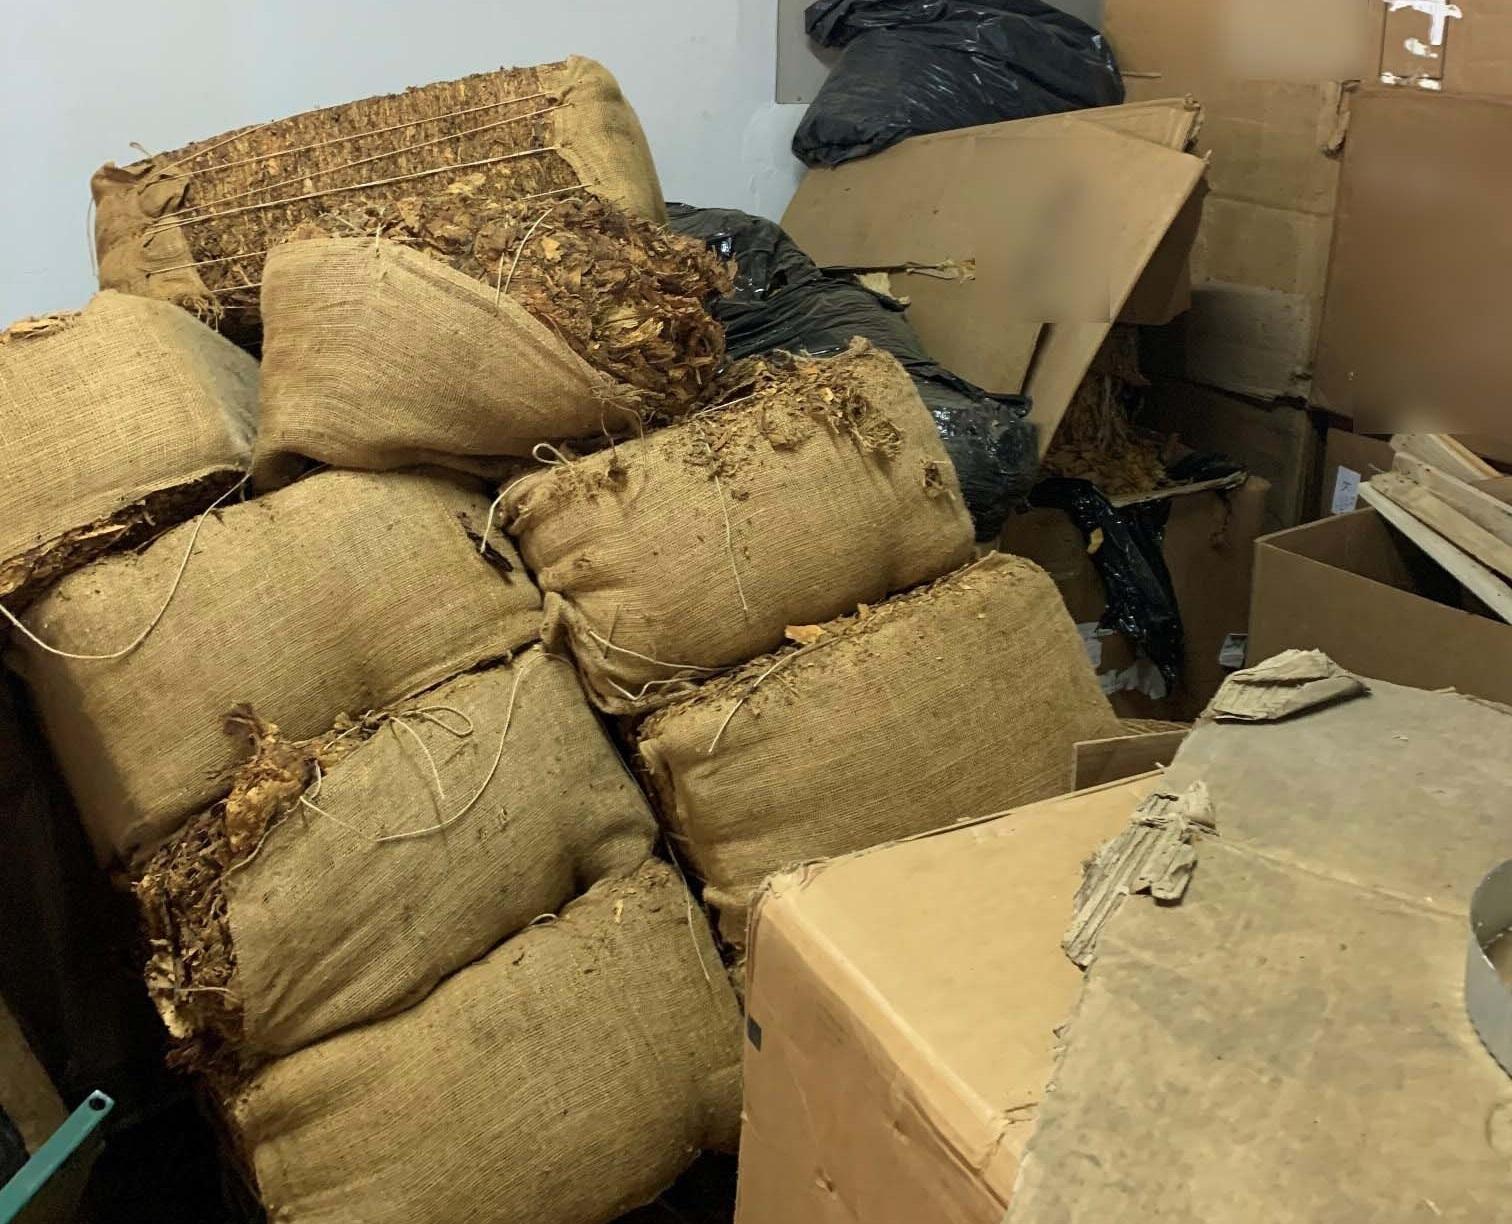 Έφοδος της αστυνομίας σε παράνομο εργοστάσιο καπνού – Κατασχέθηκαν 25 τόνοι